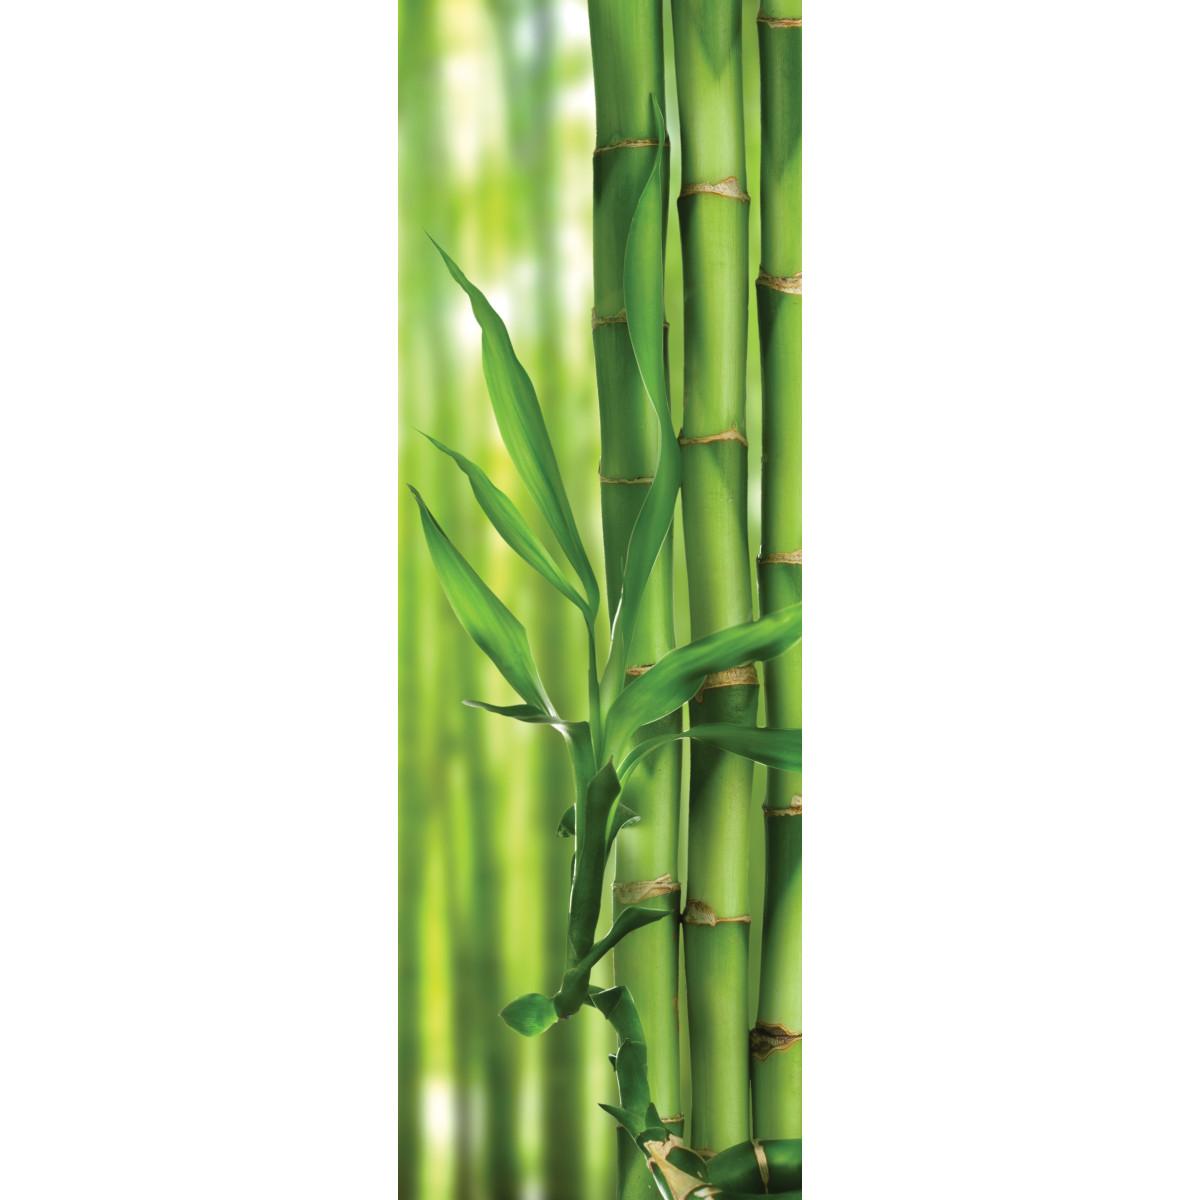 Фотообои флизелиновые OVK Design Природа 110084 100х300 см